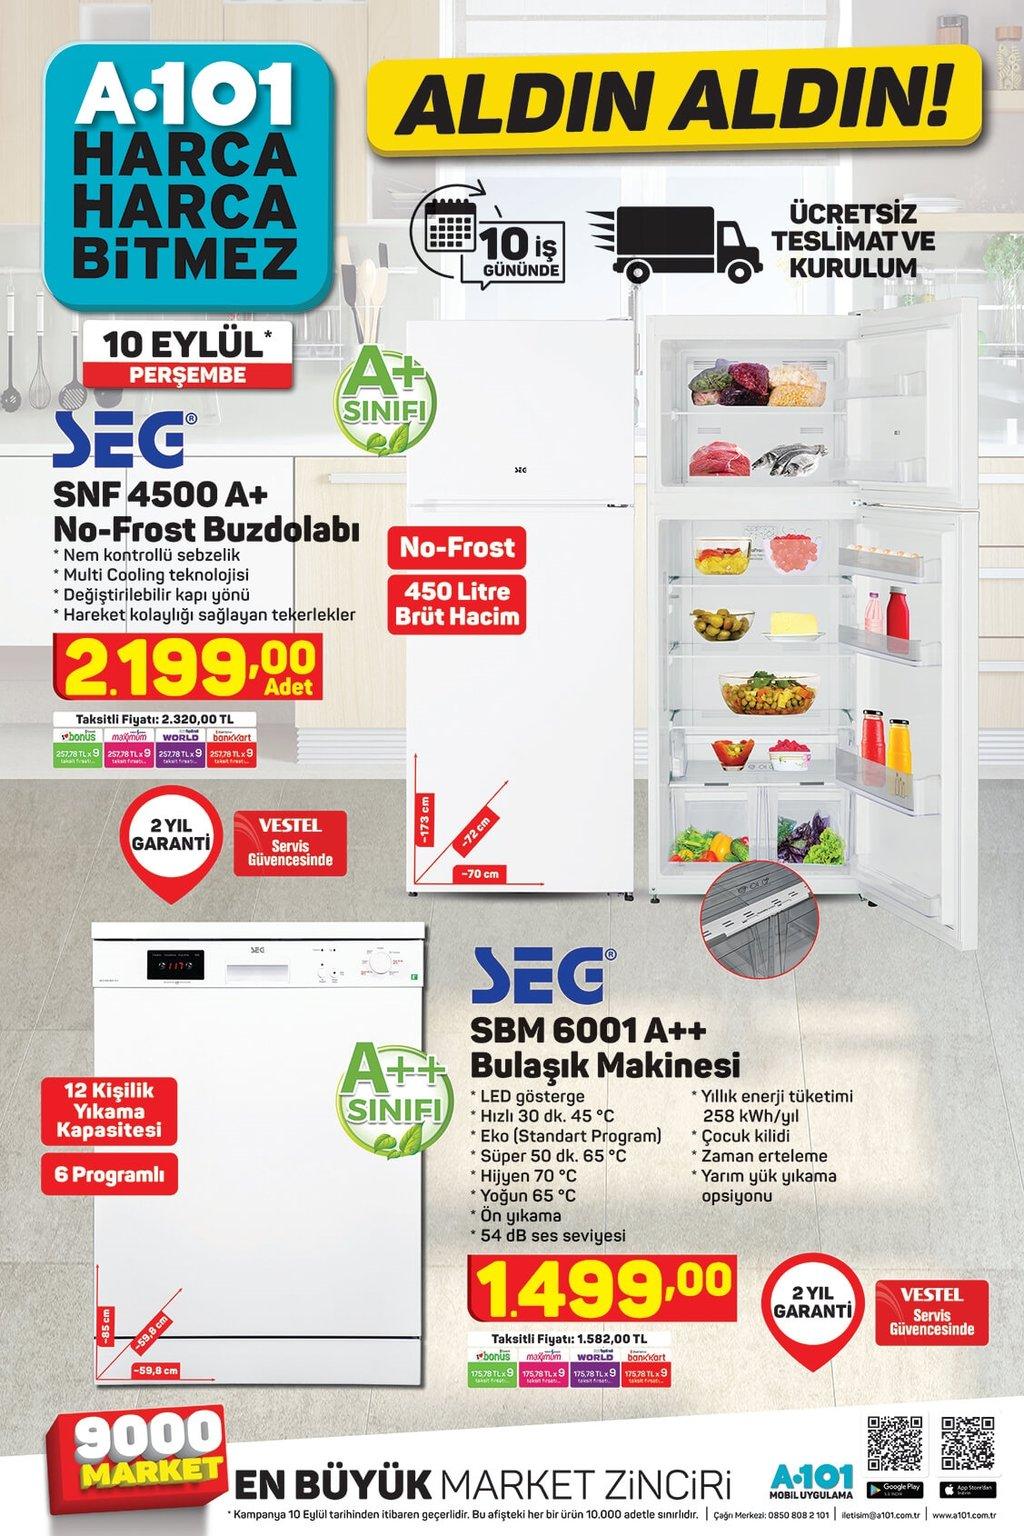 A101 aktüel ürünler kataloğu 10 Eylül Perşembe!